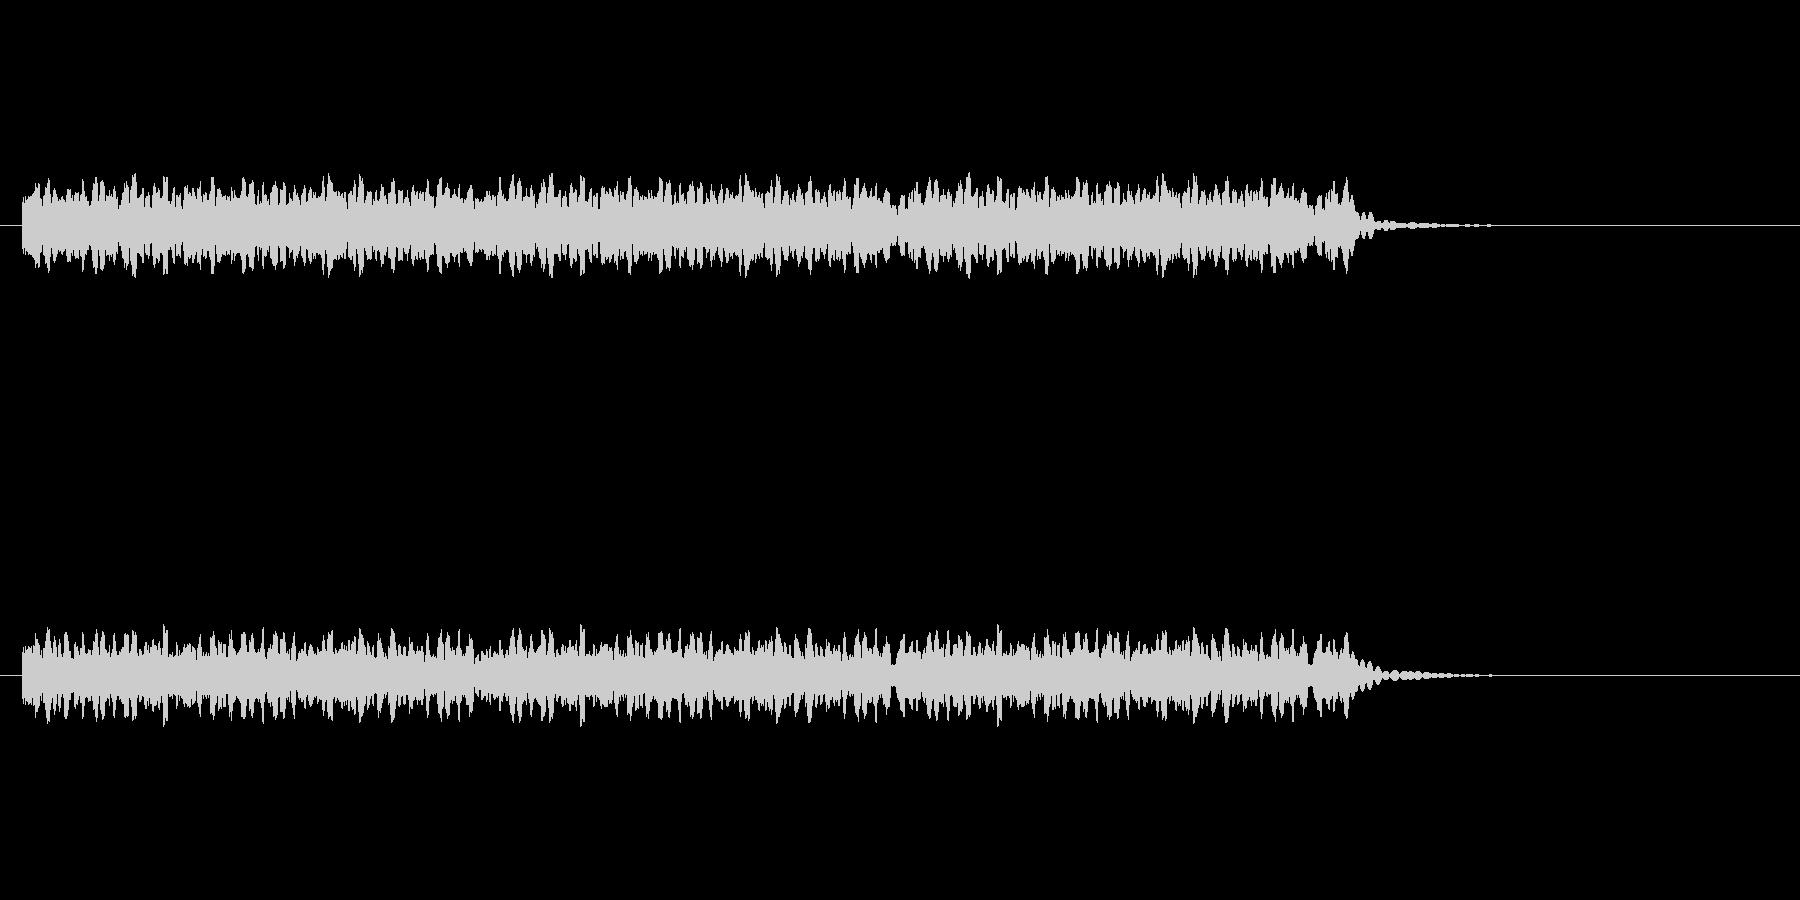 発車サイン音の未再生の波形